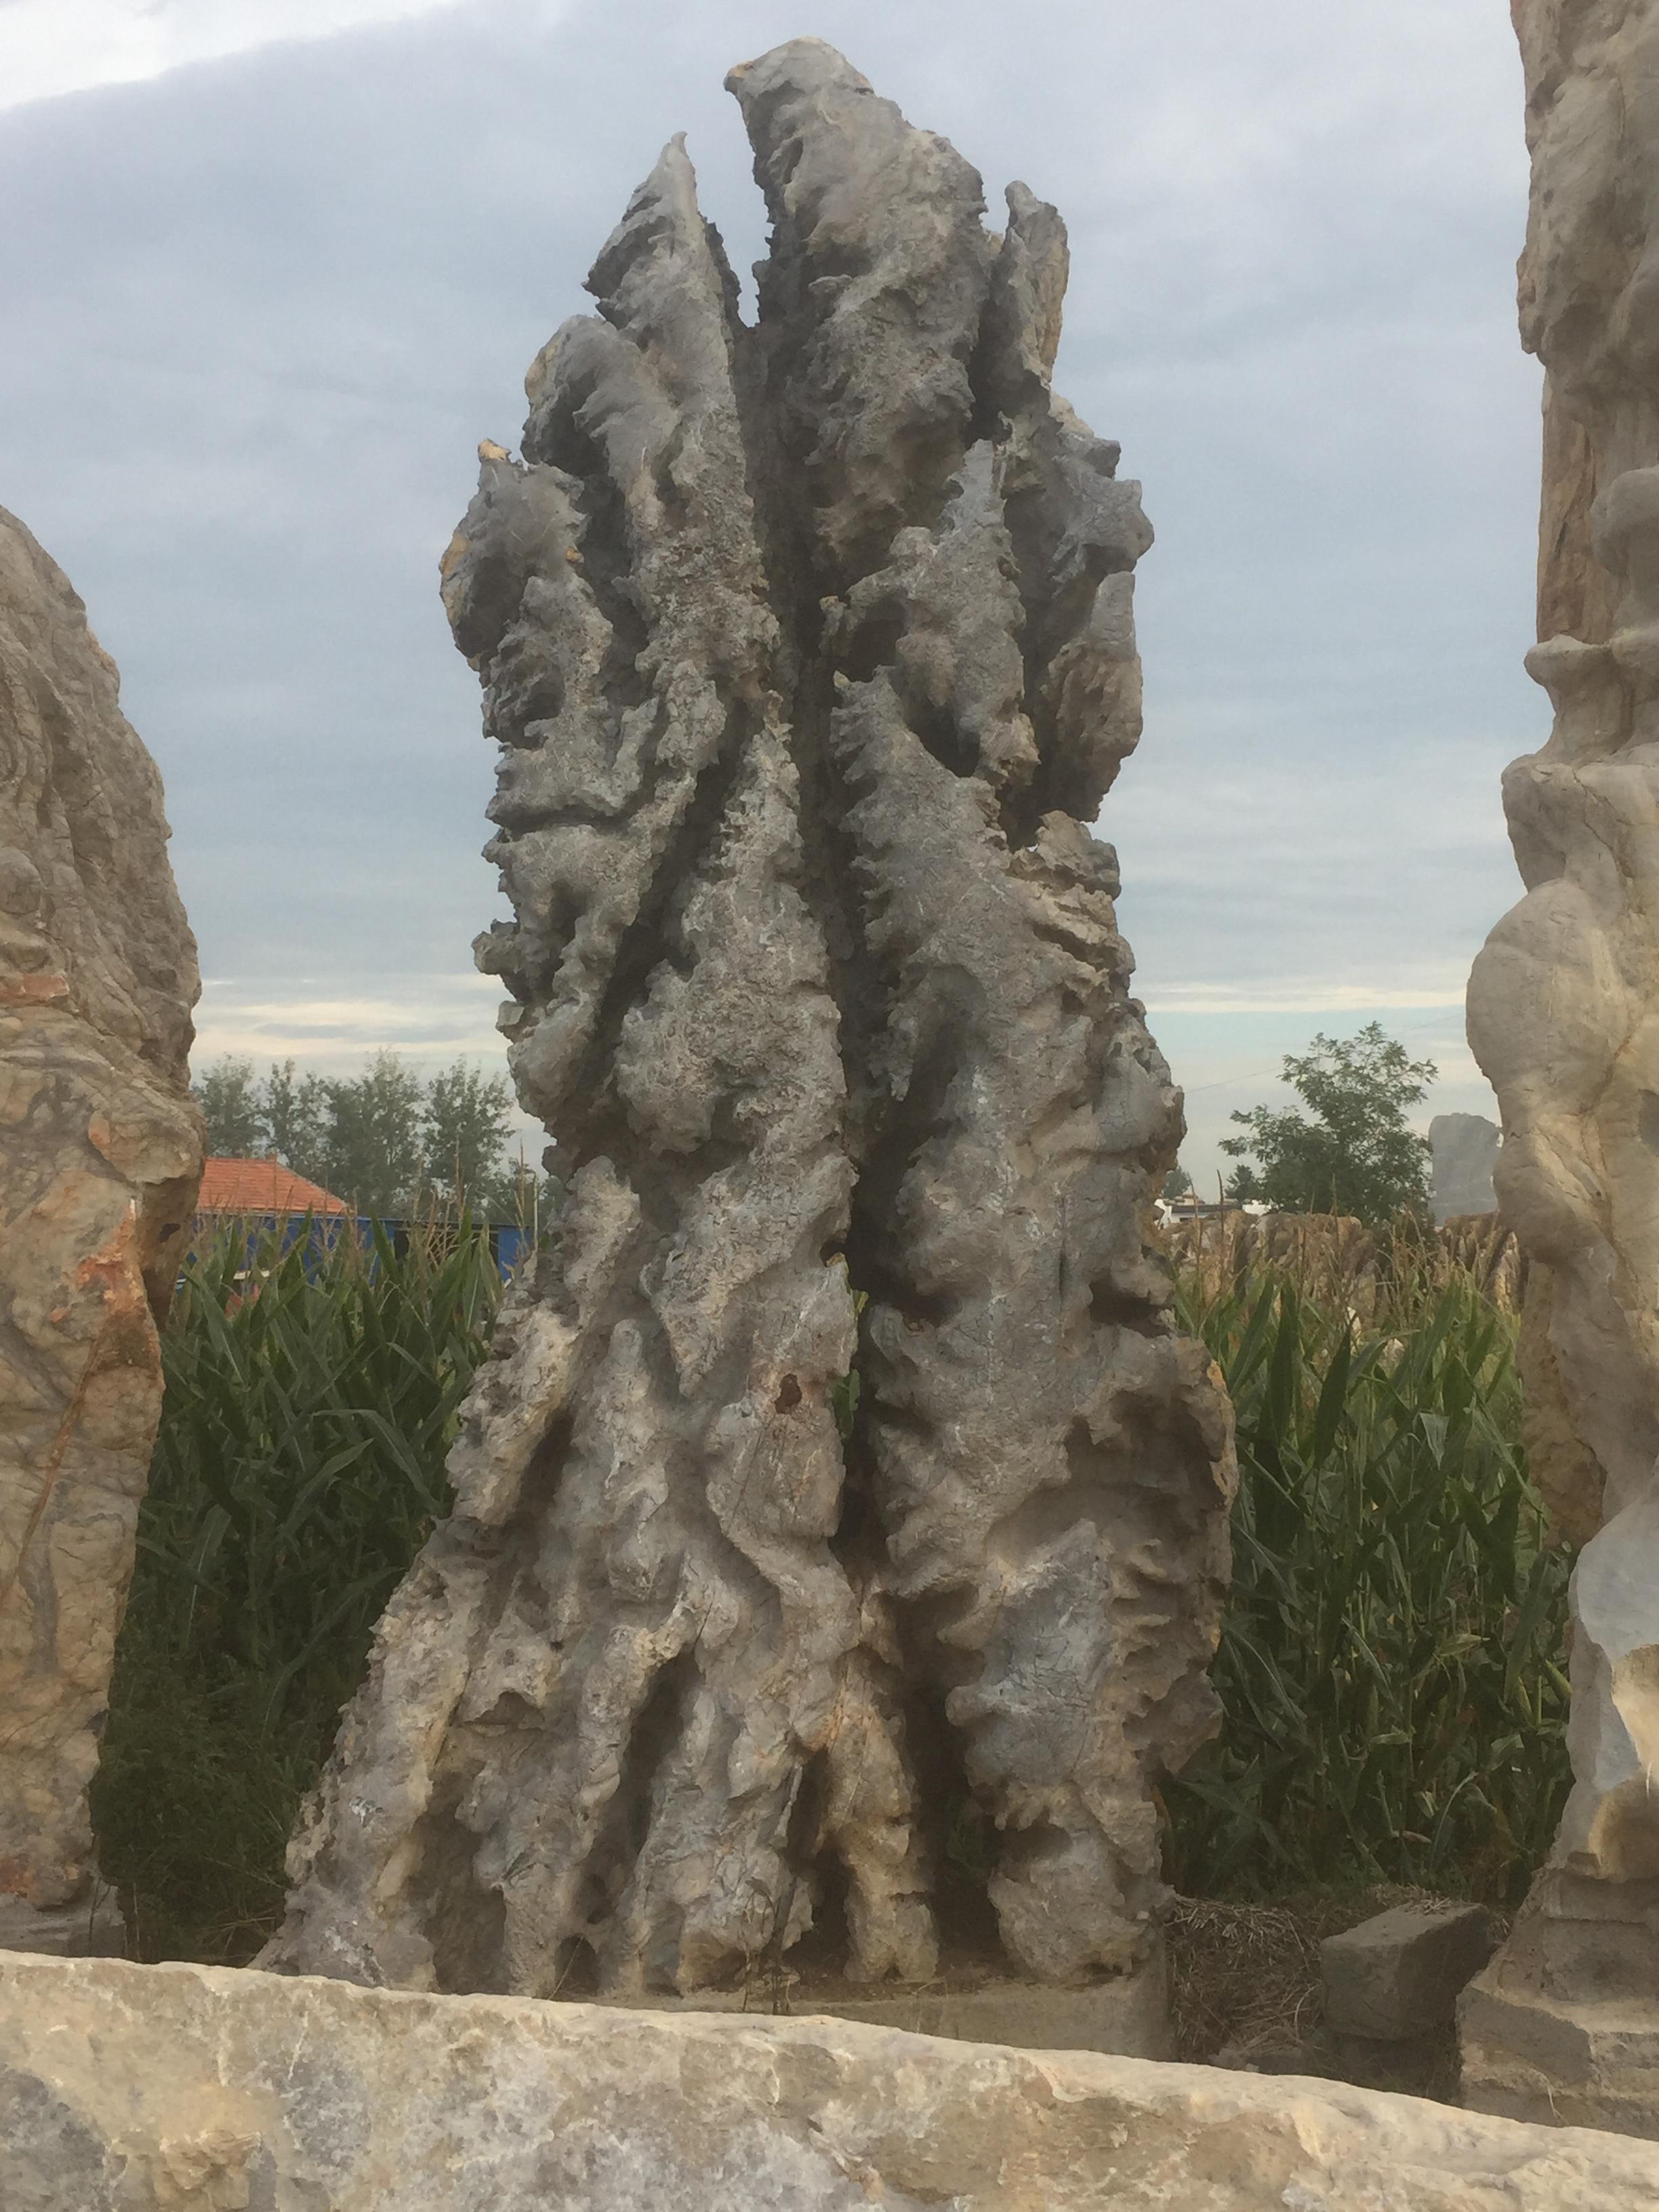 专业制造园林景观石,宿州专业制造园林景观石厂家,杭州专业制造园林景观石